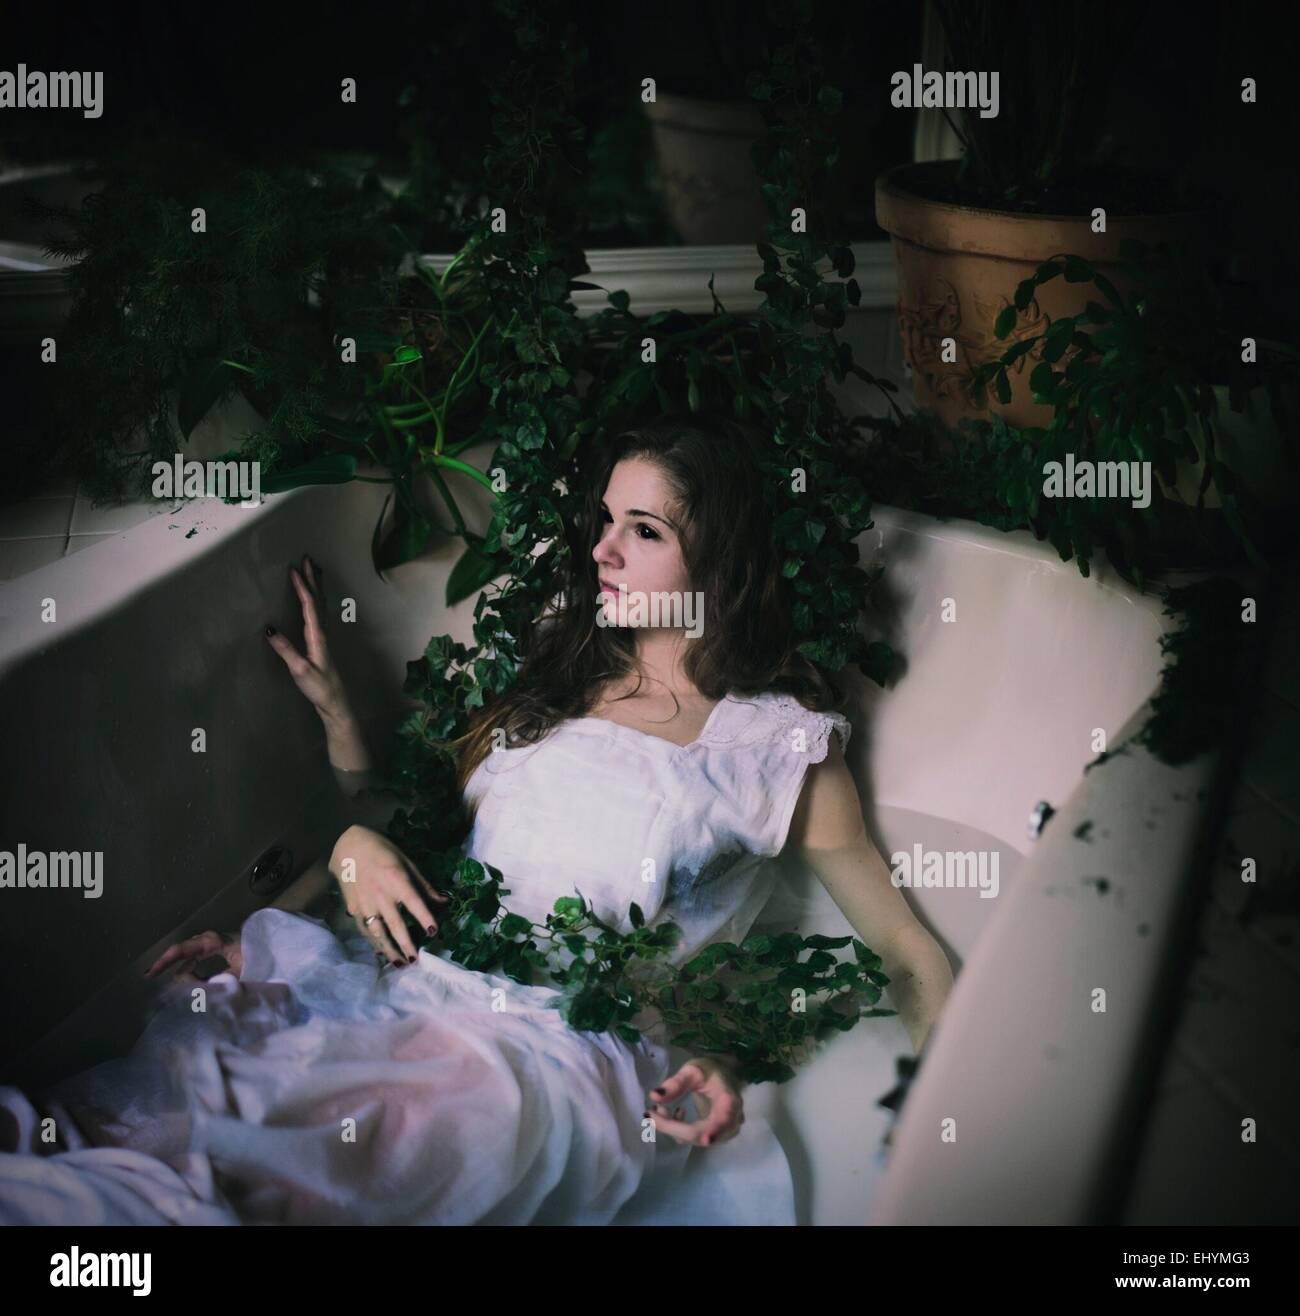 Junge Frau in einer Badewanne mit vielen Händen und Reben liegt Stockbild